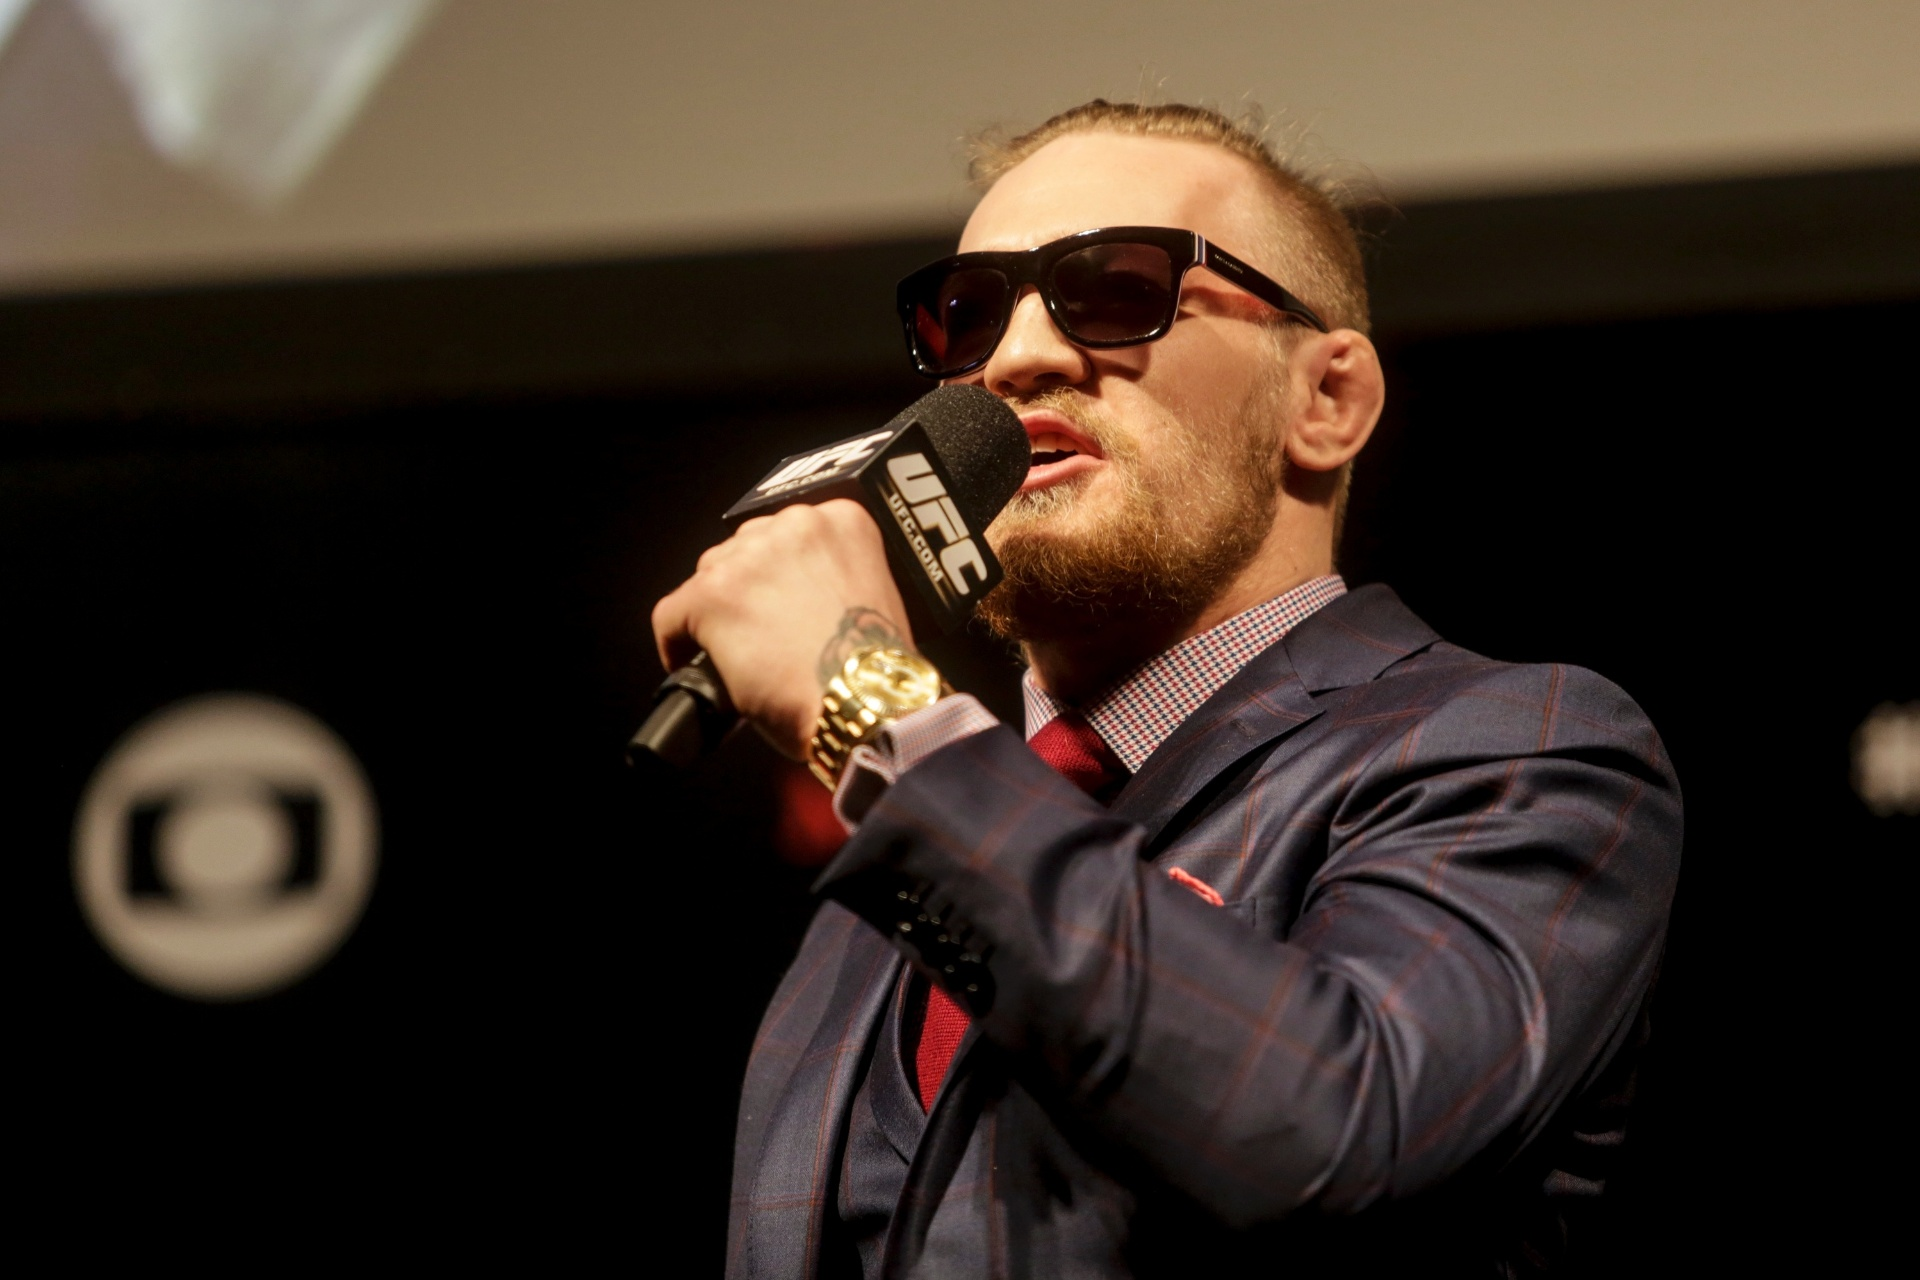 Conor McGregor em evento no Brasil que bateu boca com fãs